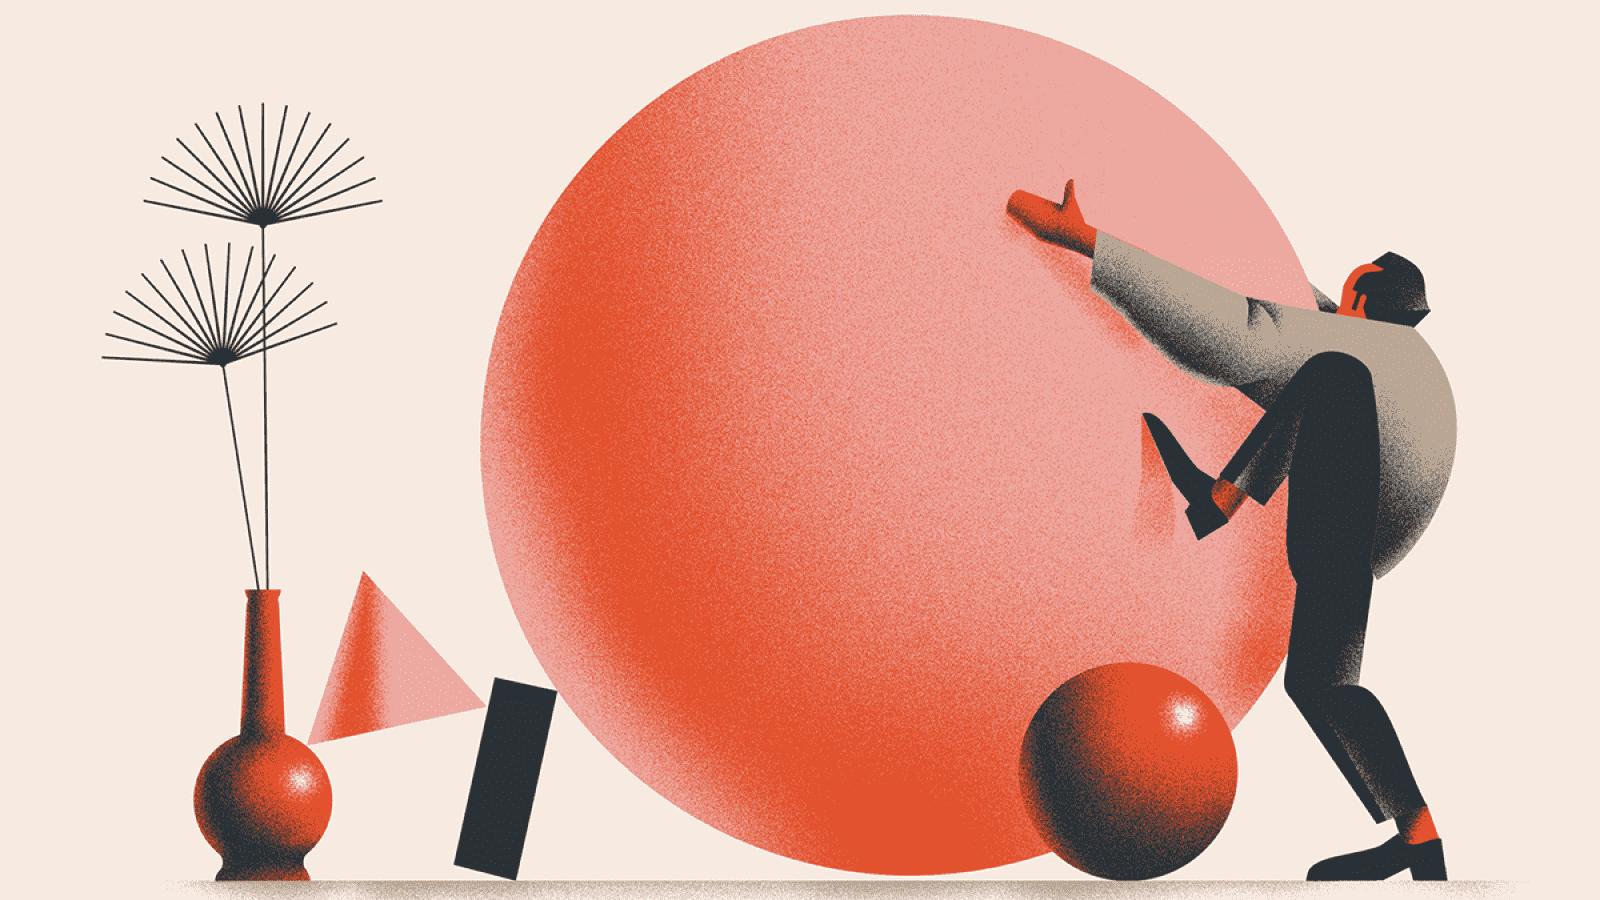 Tomasz Woźniakowski compartió un hermoso proyecto en su perfil de Behance. Es un conjunto de ilustraciones que recientemente creada para la más reciente publicación de la revista Wizje que es un colectivo esmalte de jóvenes que promueven poemas de diversos autores. El estilo de ilustración es de primera clase, me gusta especialmente el uso de textura y profundidad. Siento que es una alternativa mucho mejor que el aspecto extremadamente plano y el vector.